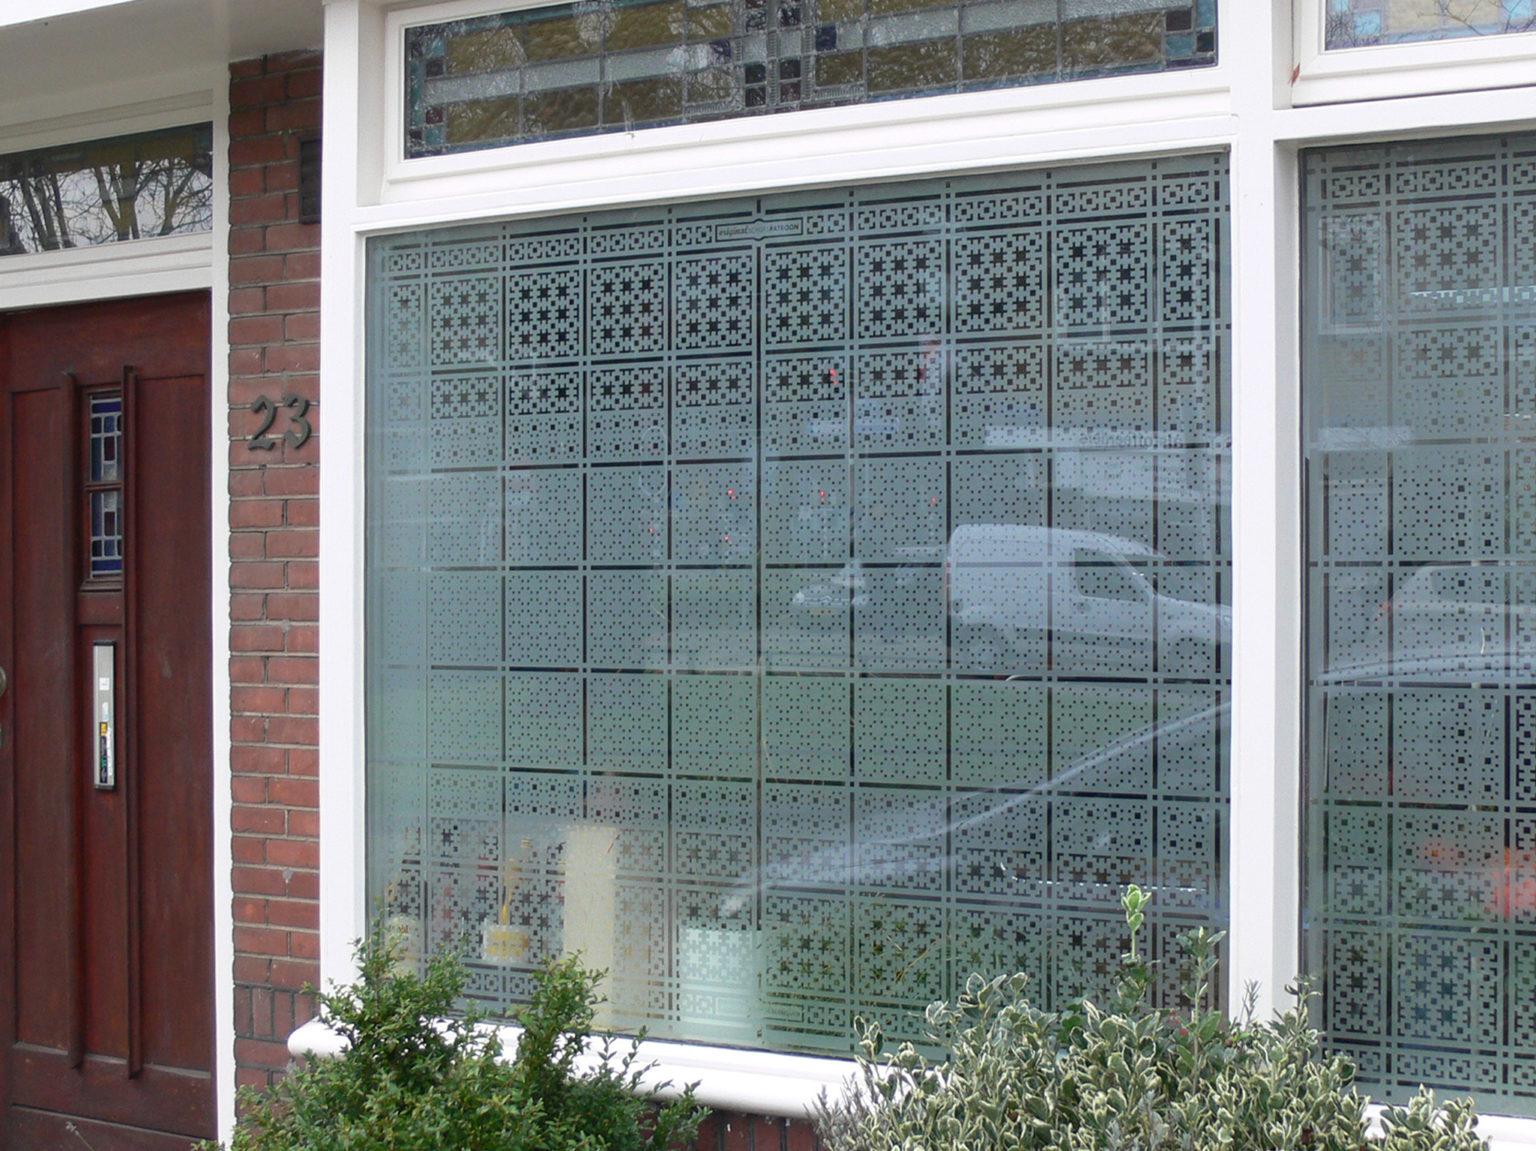 raamfolie patroon/Schutspatroon op keukenraam van buiten gezien